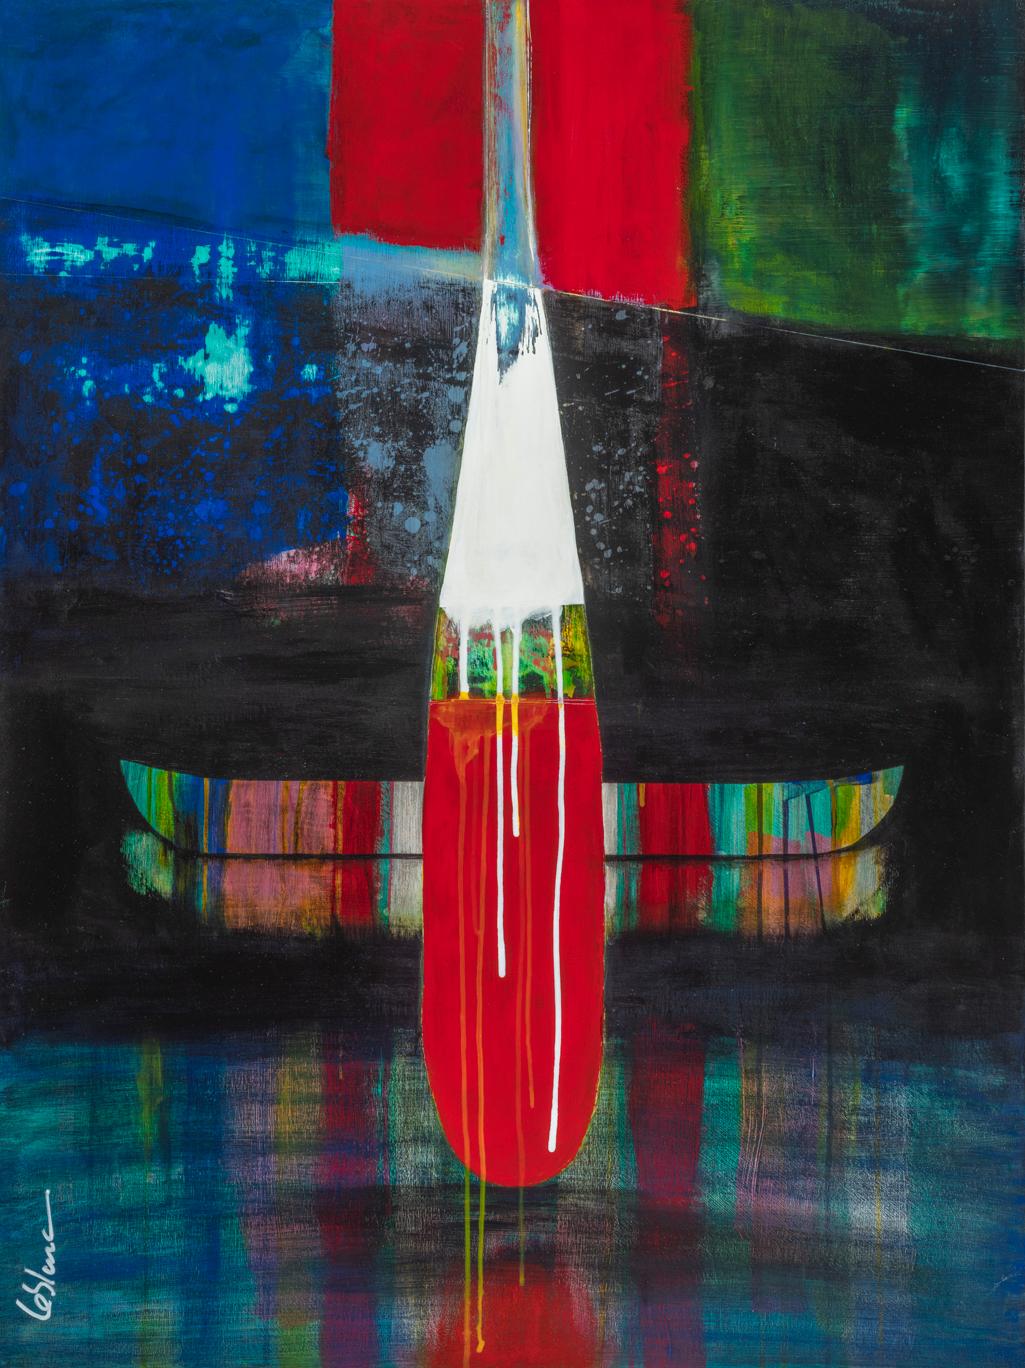 Le silence de la pénombre, mixed media canoe painting by Sylvain Leblanc | Effusion Art Gallery + Cast Glass Studio, Invermere BC